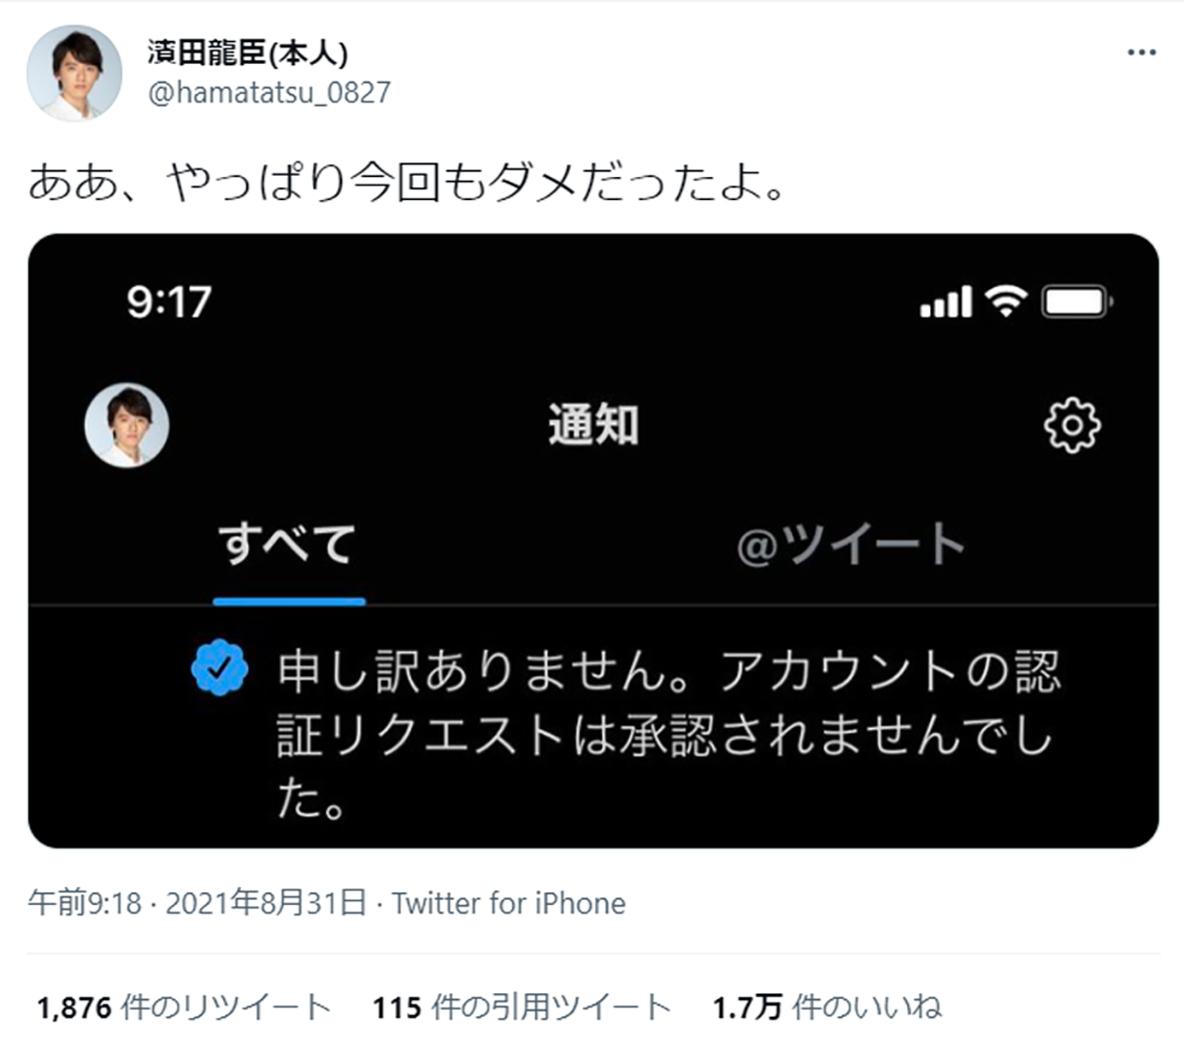 濱田龍臣のTwitter認証バッジへの挑戦 今回も通らず……(小声)